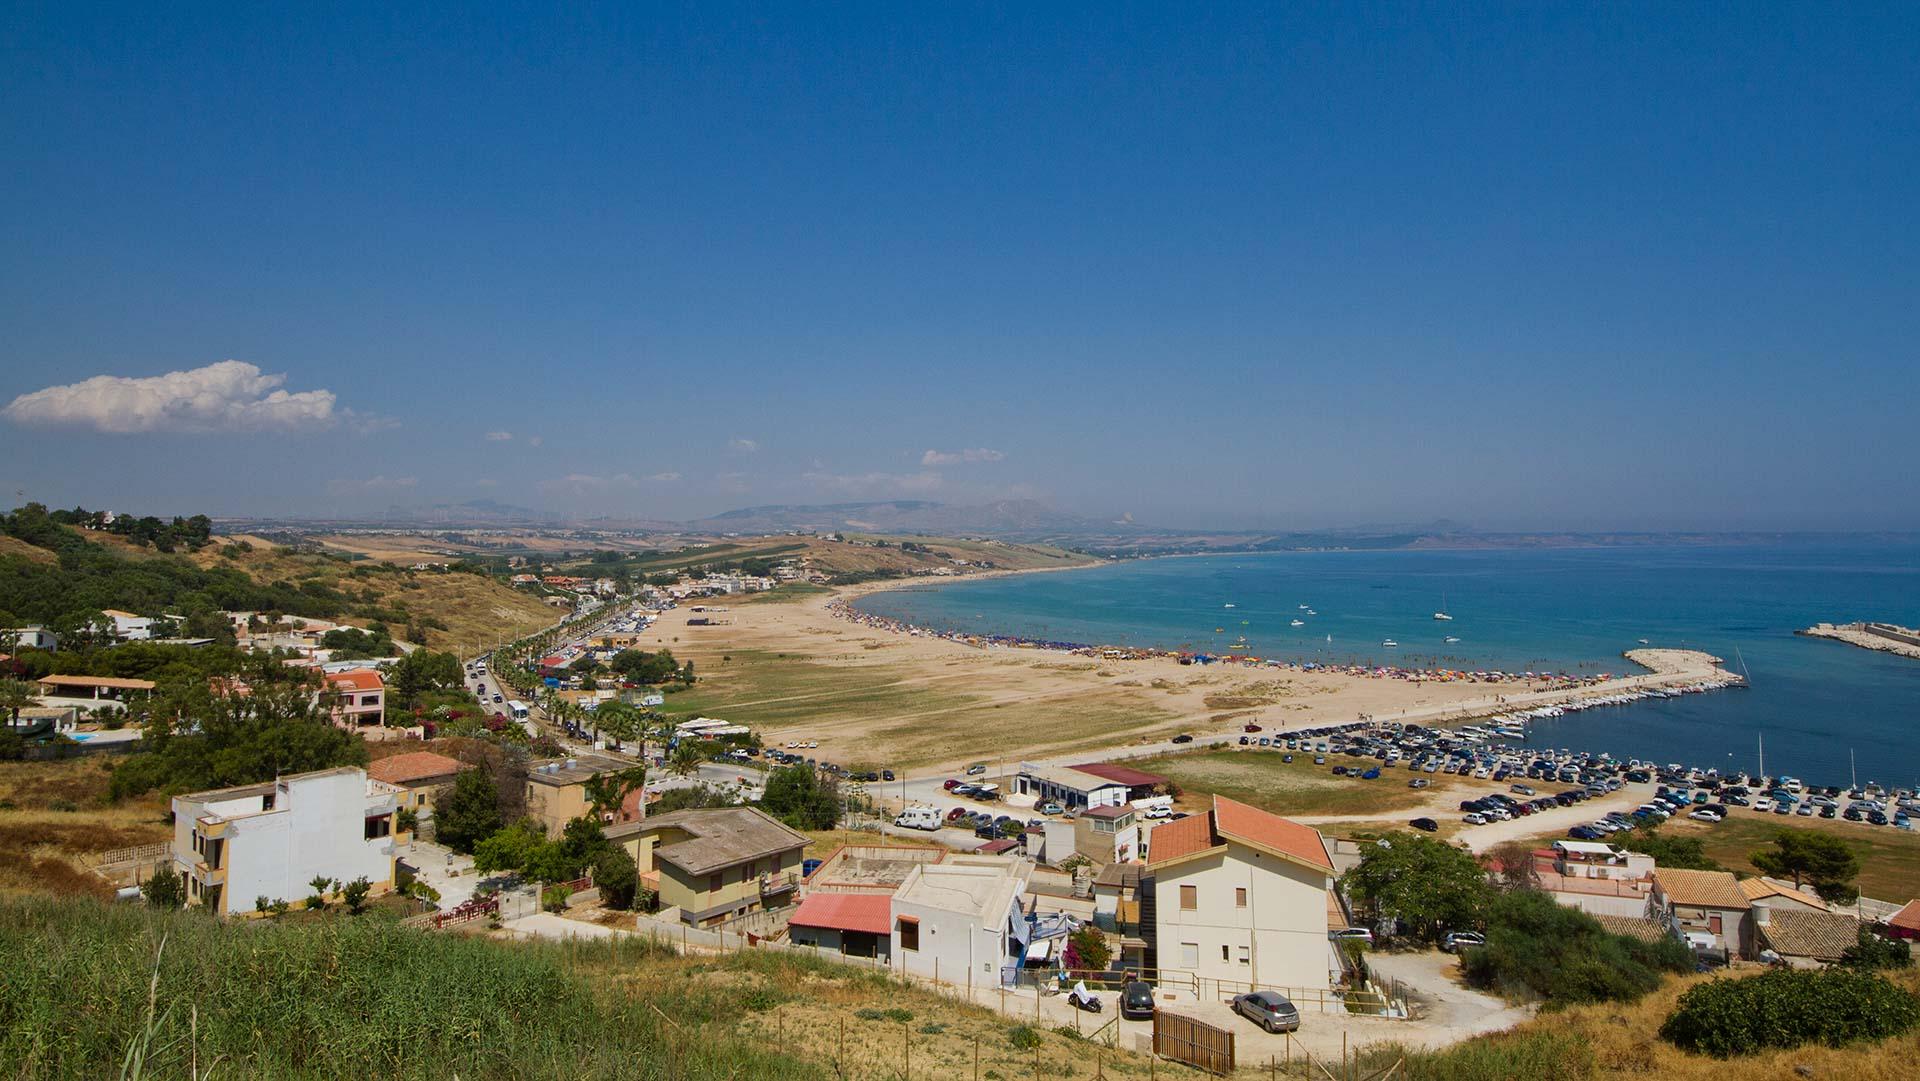 Porto_Palo_beach_Menfi